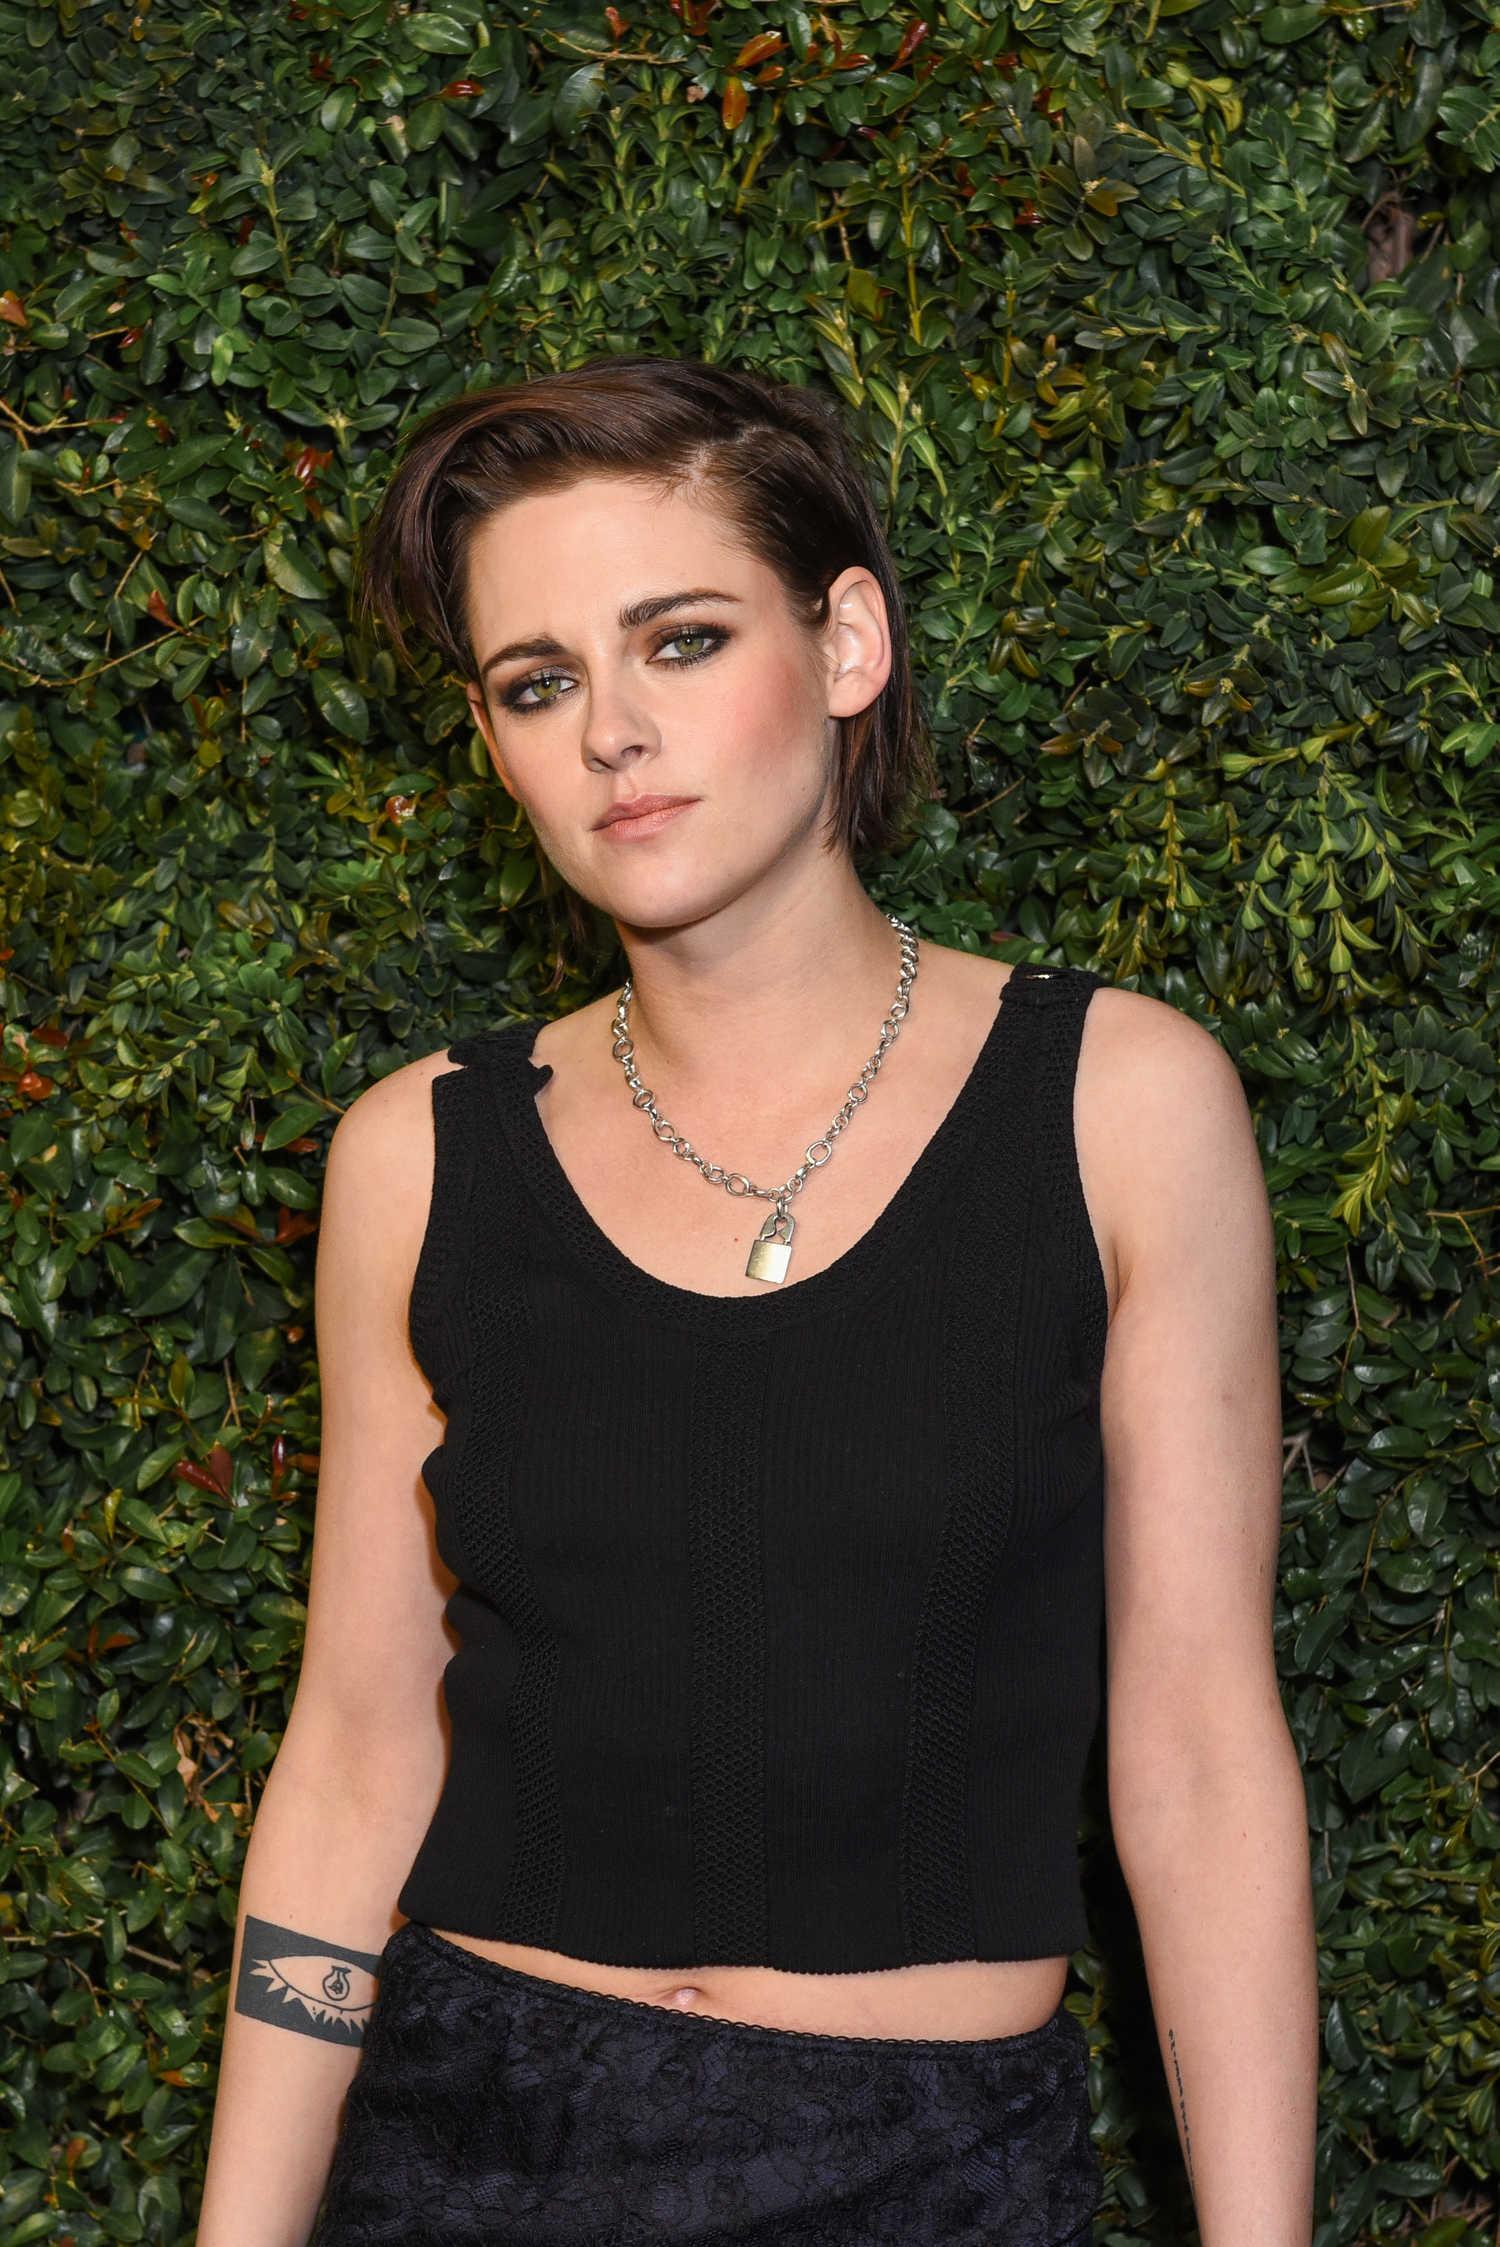 Kristen Stewart at the Charles Finch and Chanel Annual Pre ... Kristen Stewart